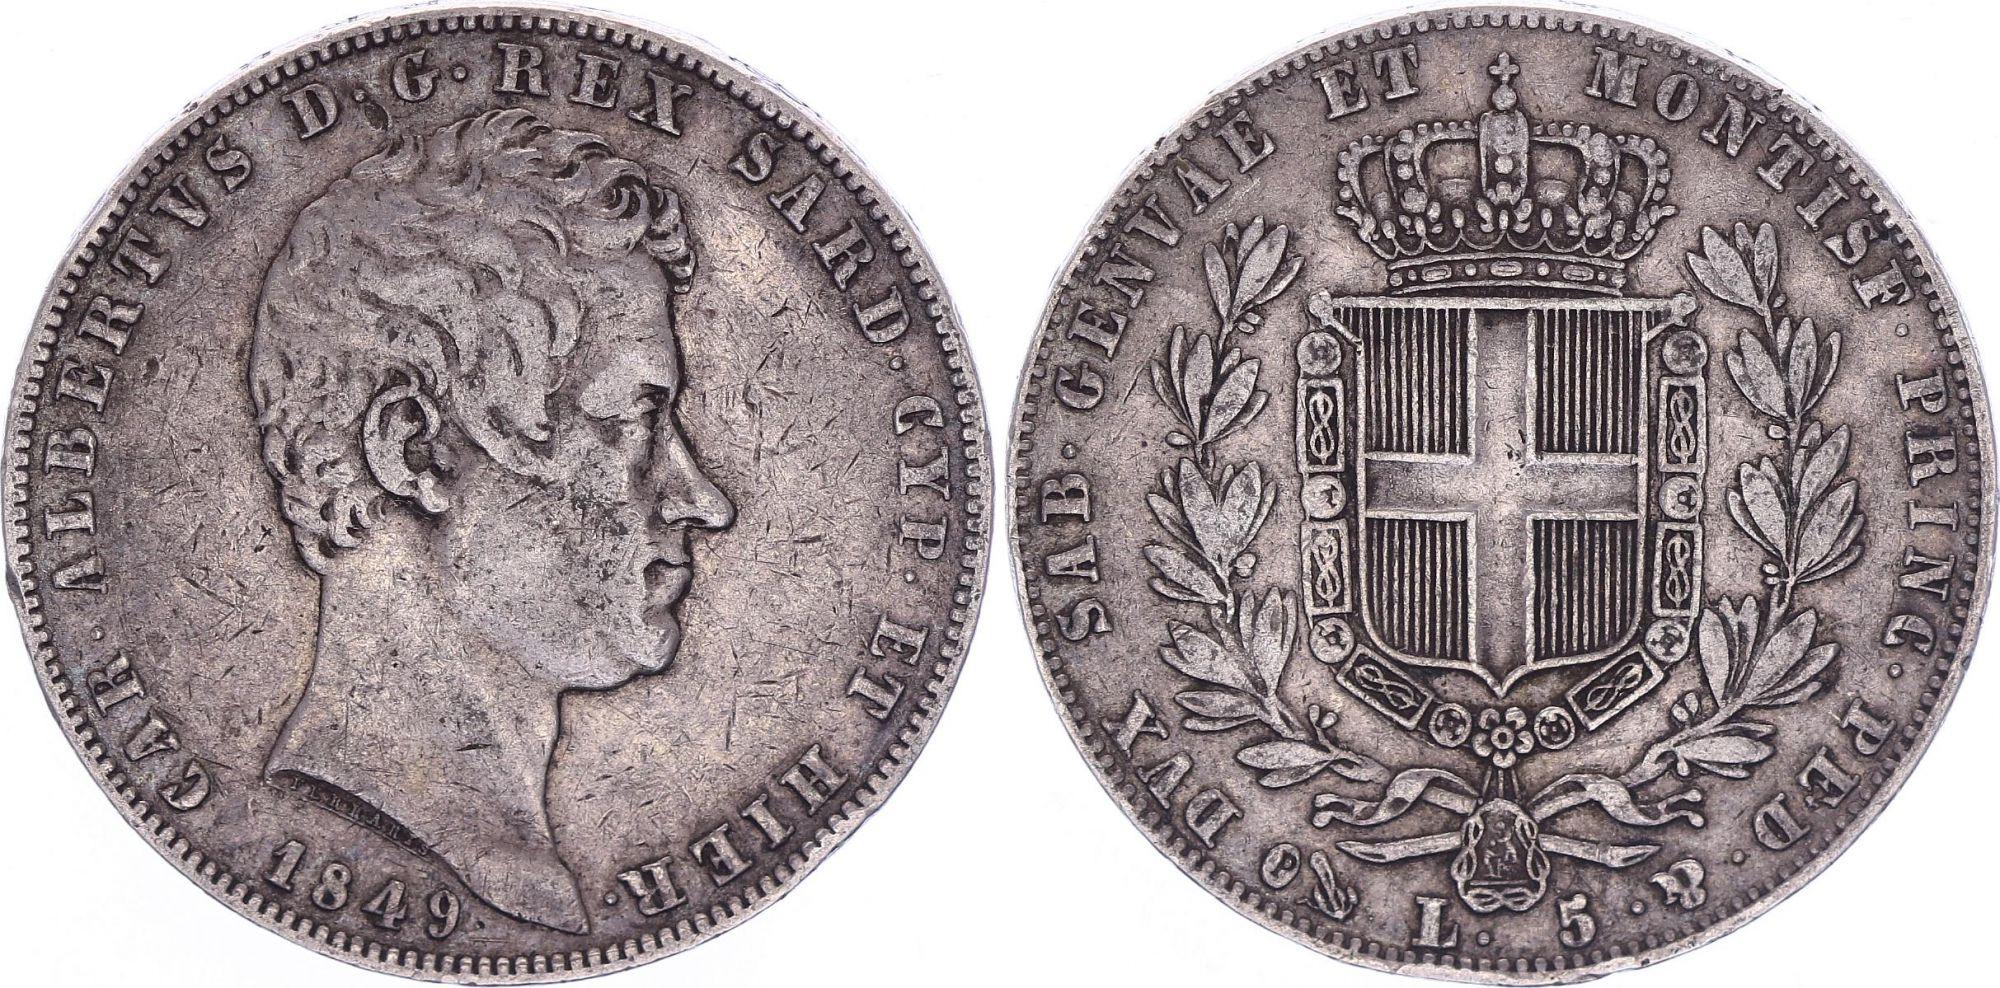 Sardinia 5 Lire Charles-Albert - Arms - 1849 P Anchor